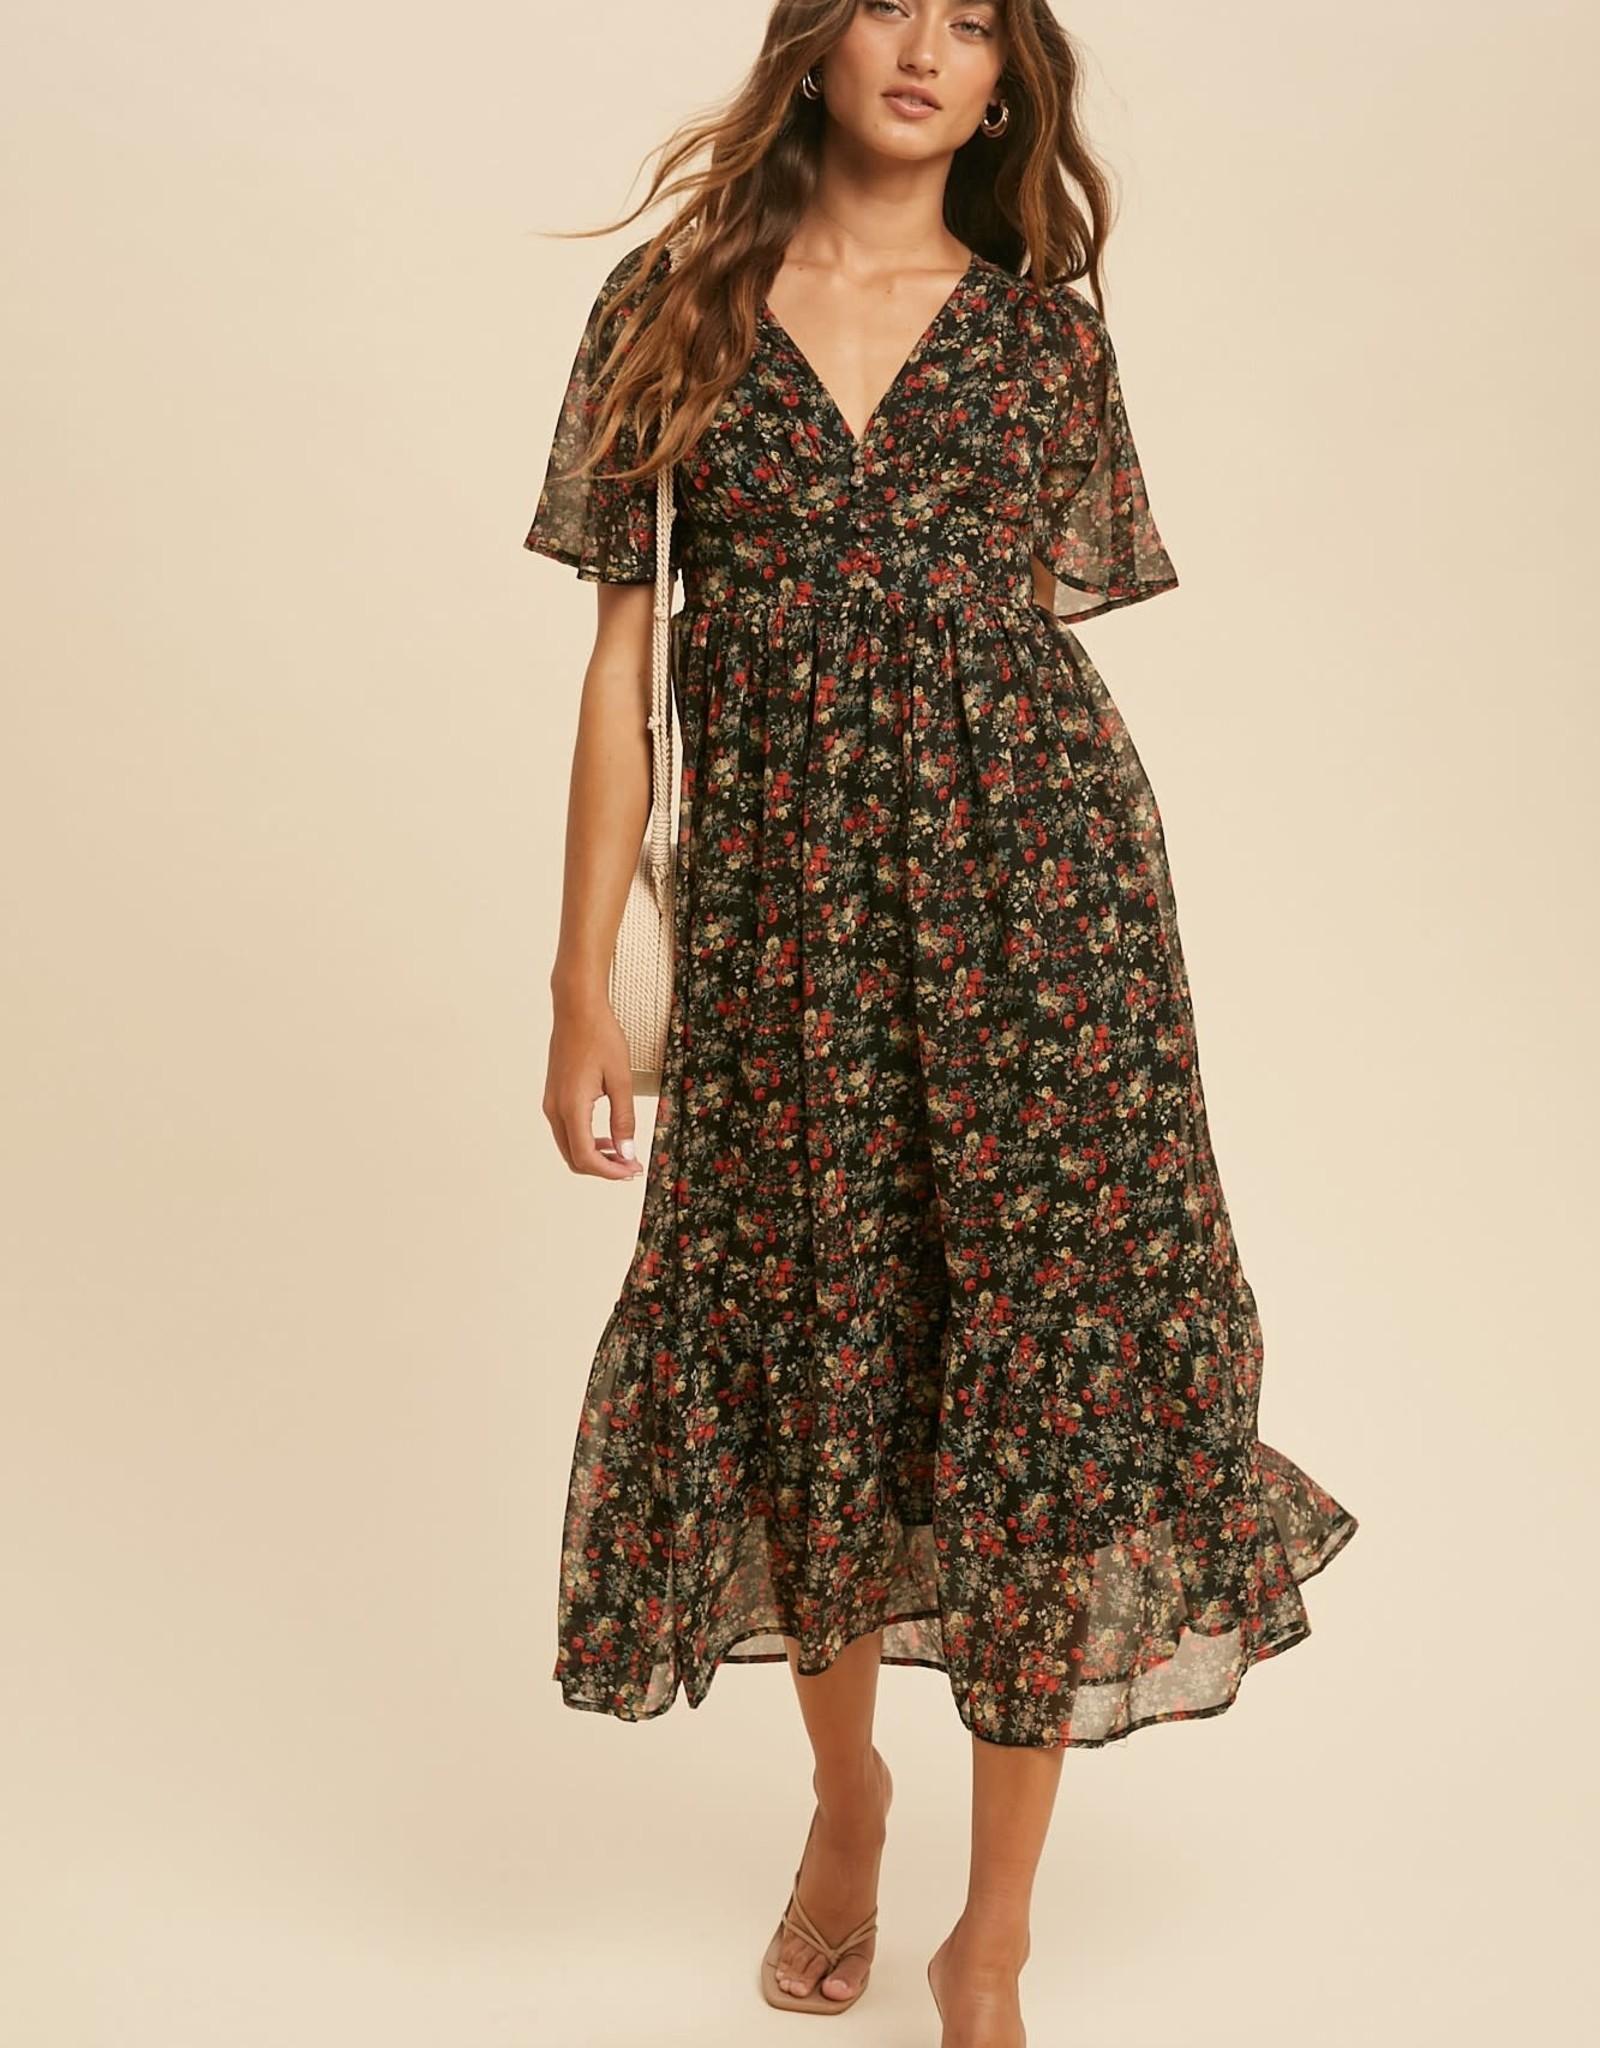 Miss Bliss V Neck Floral Flutter Sleeve Maxi Dress- Black